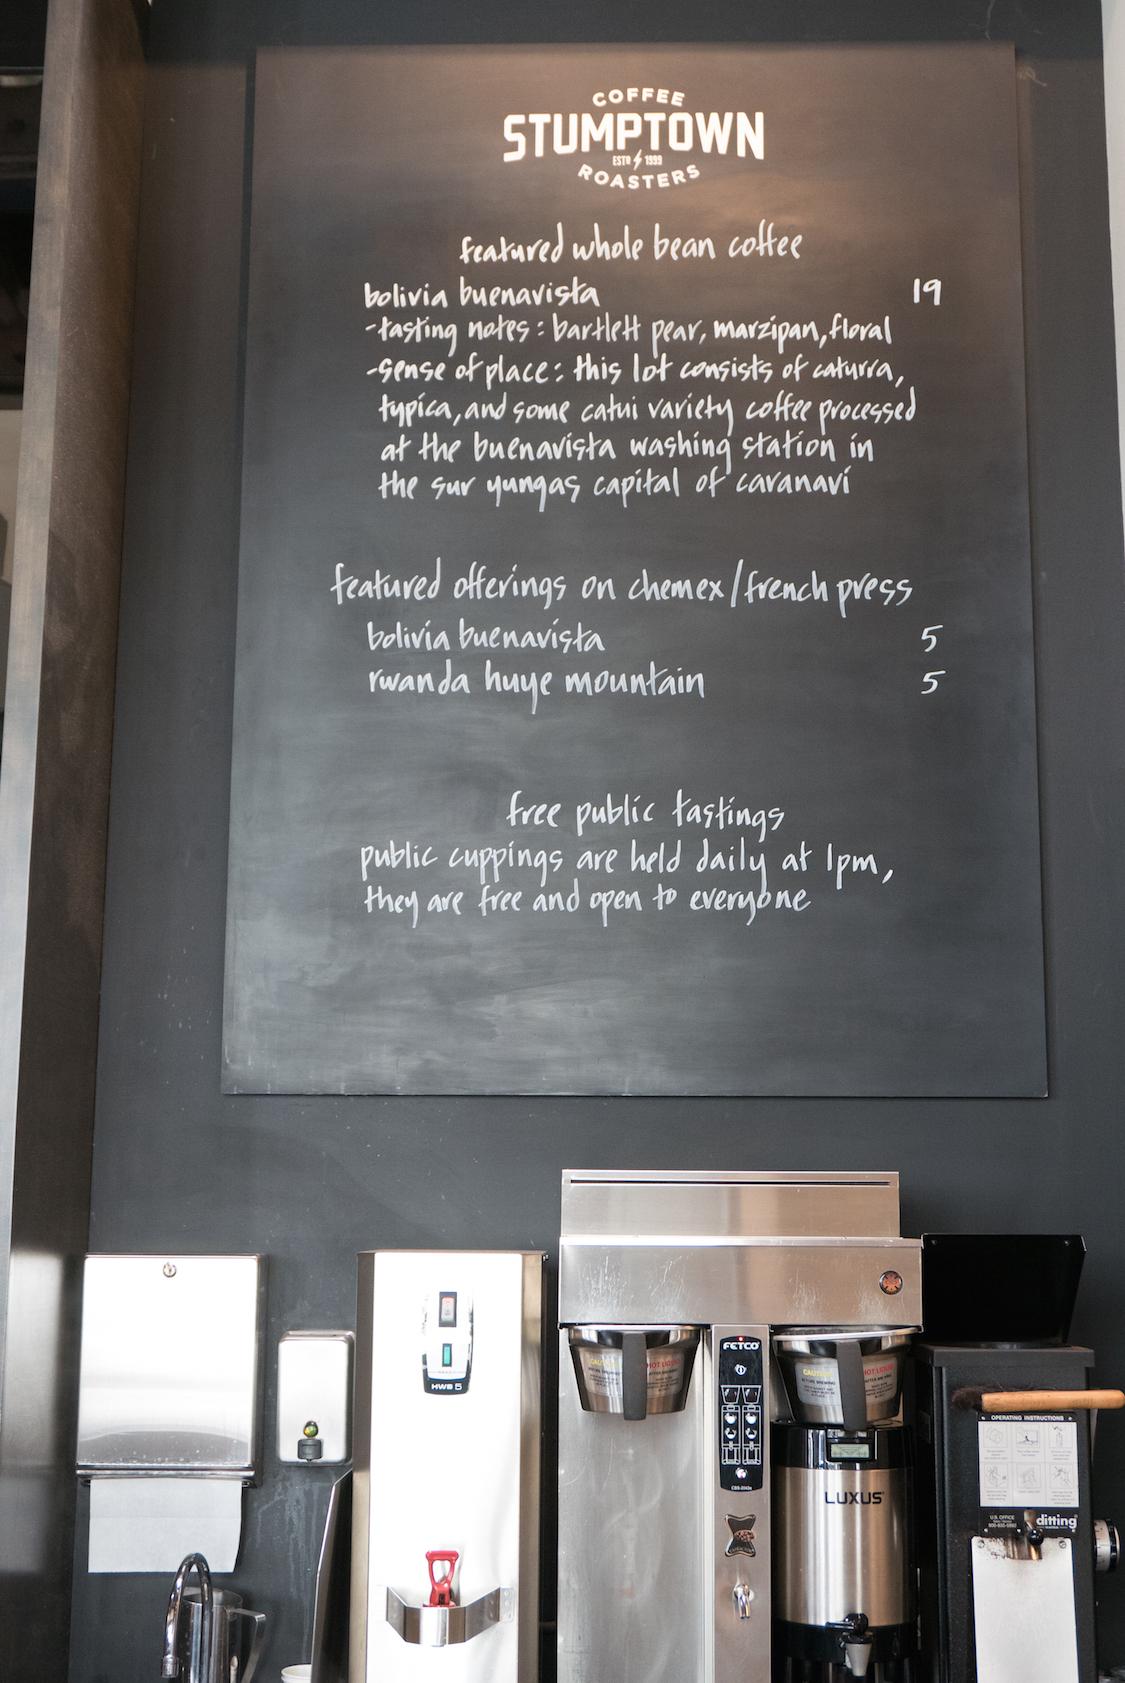 dani-noce-los-angeles-stumptowncoffee-2